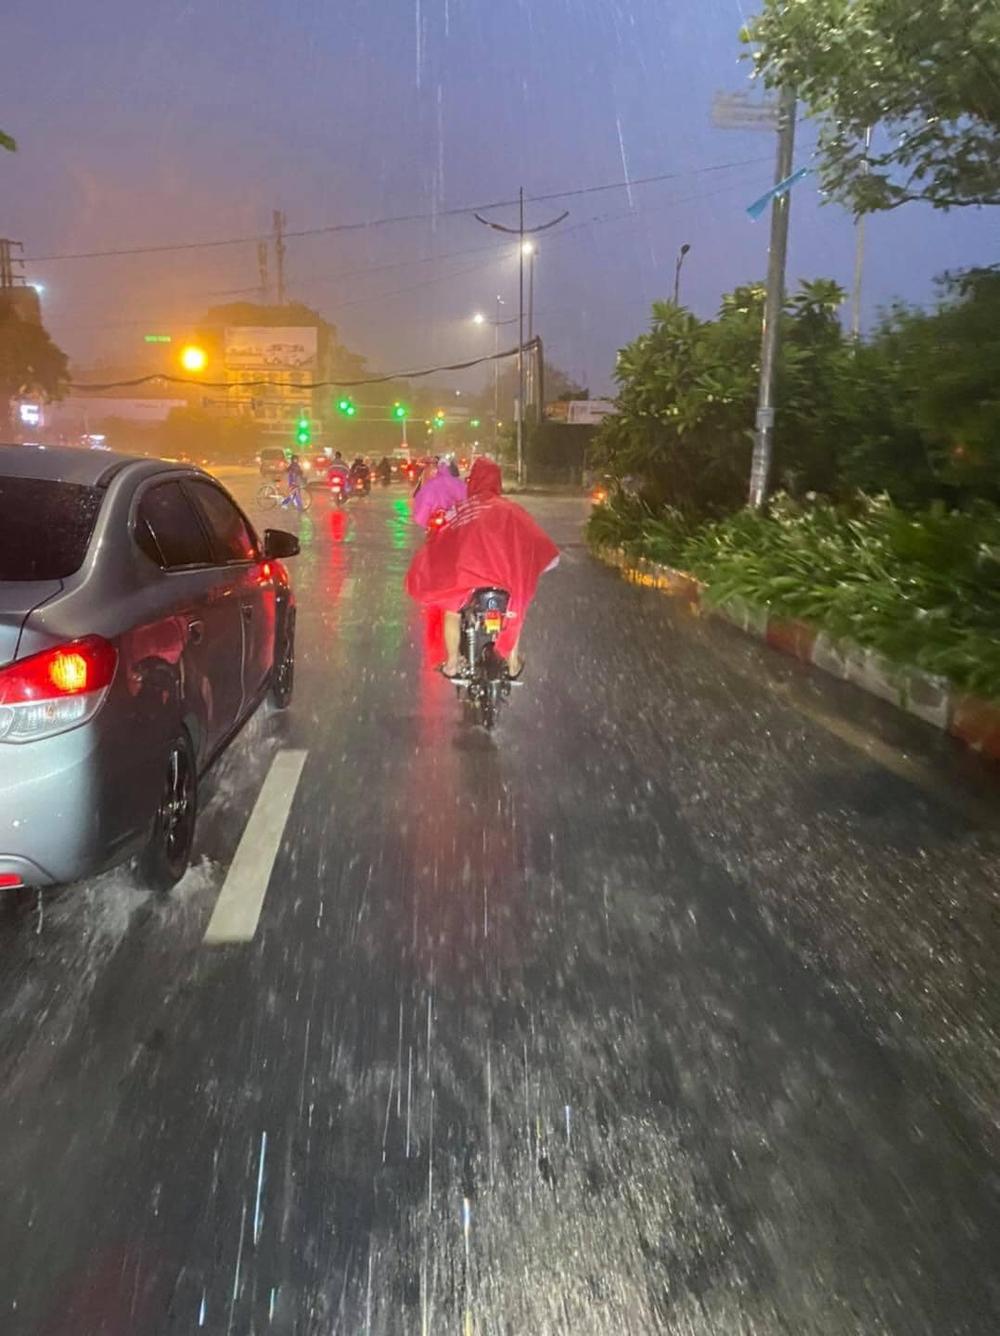 Gặp cậu bé đi đường, người đàn ông ráo riết đuổi theo giữa cơn mưa và có hành động lạ - Ảnh 5.